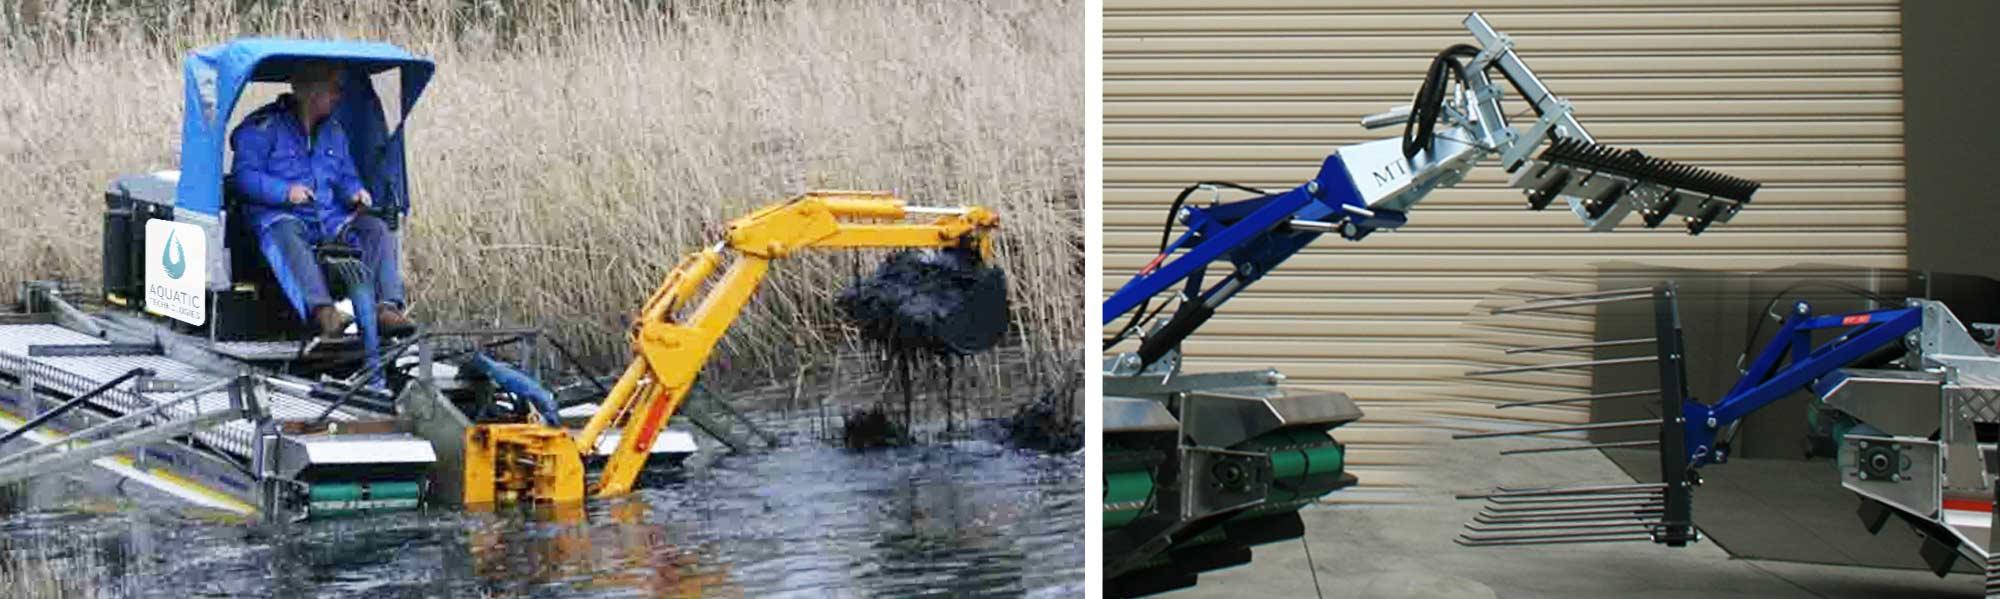 Mobitrac-amphibiouis-excavator